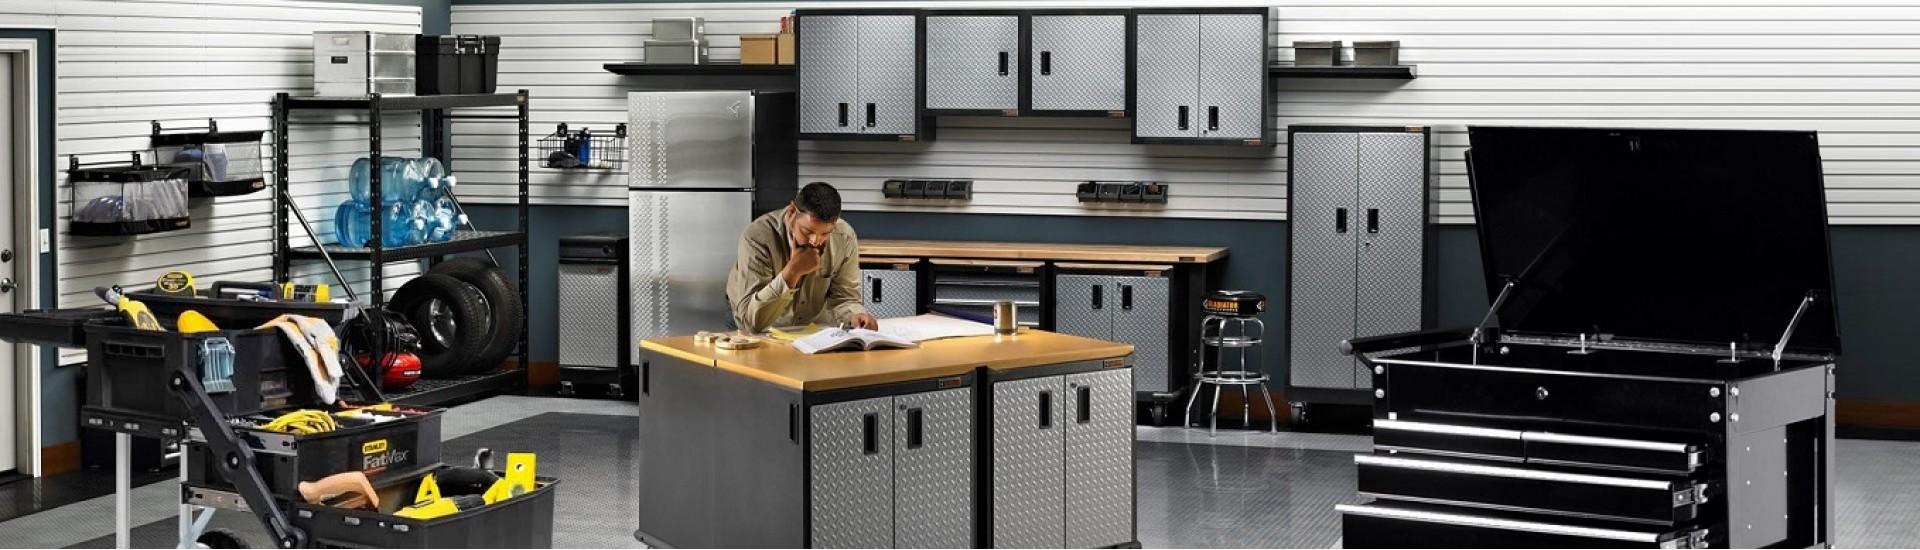 قفسه بندی و ویترین تعمیرگاه ، Storage & Organizers